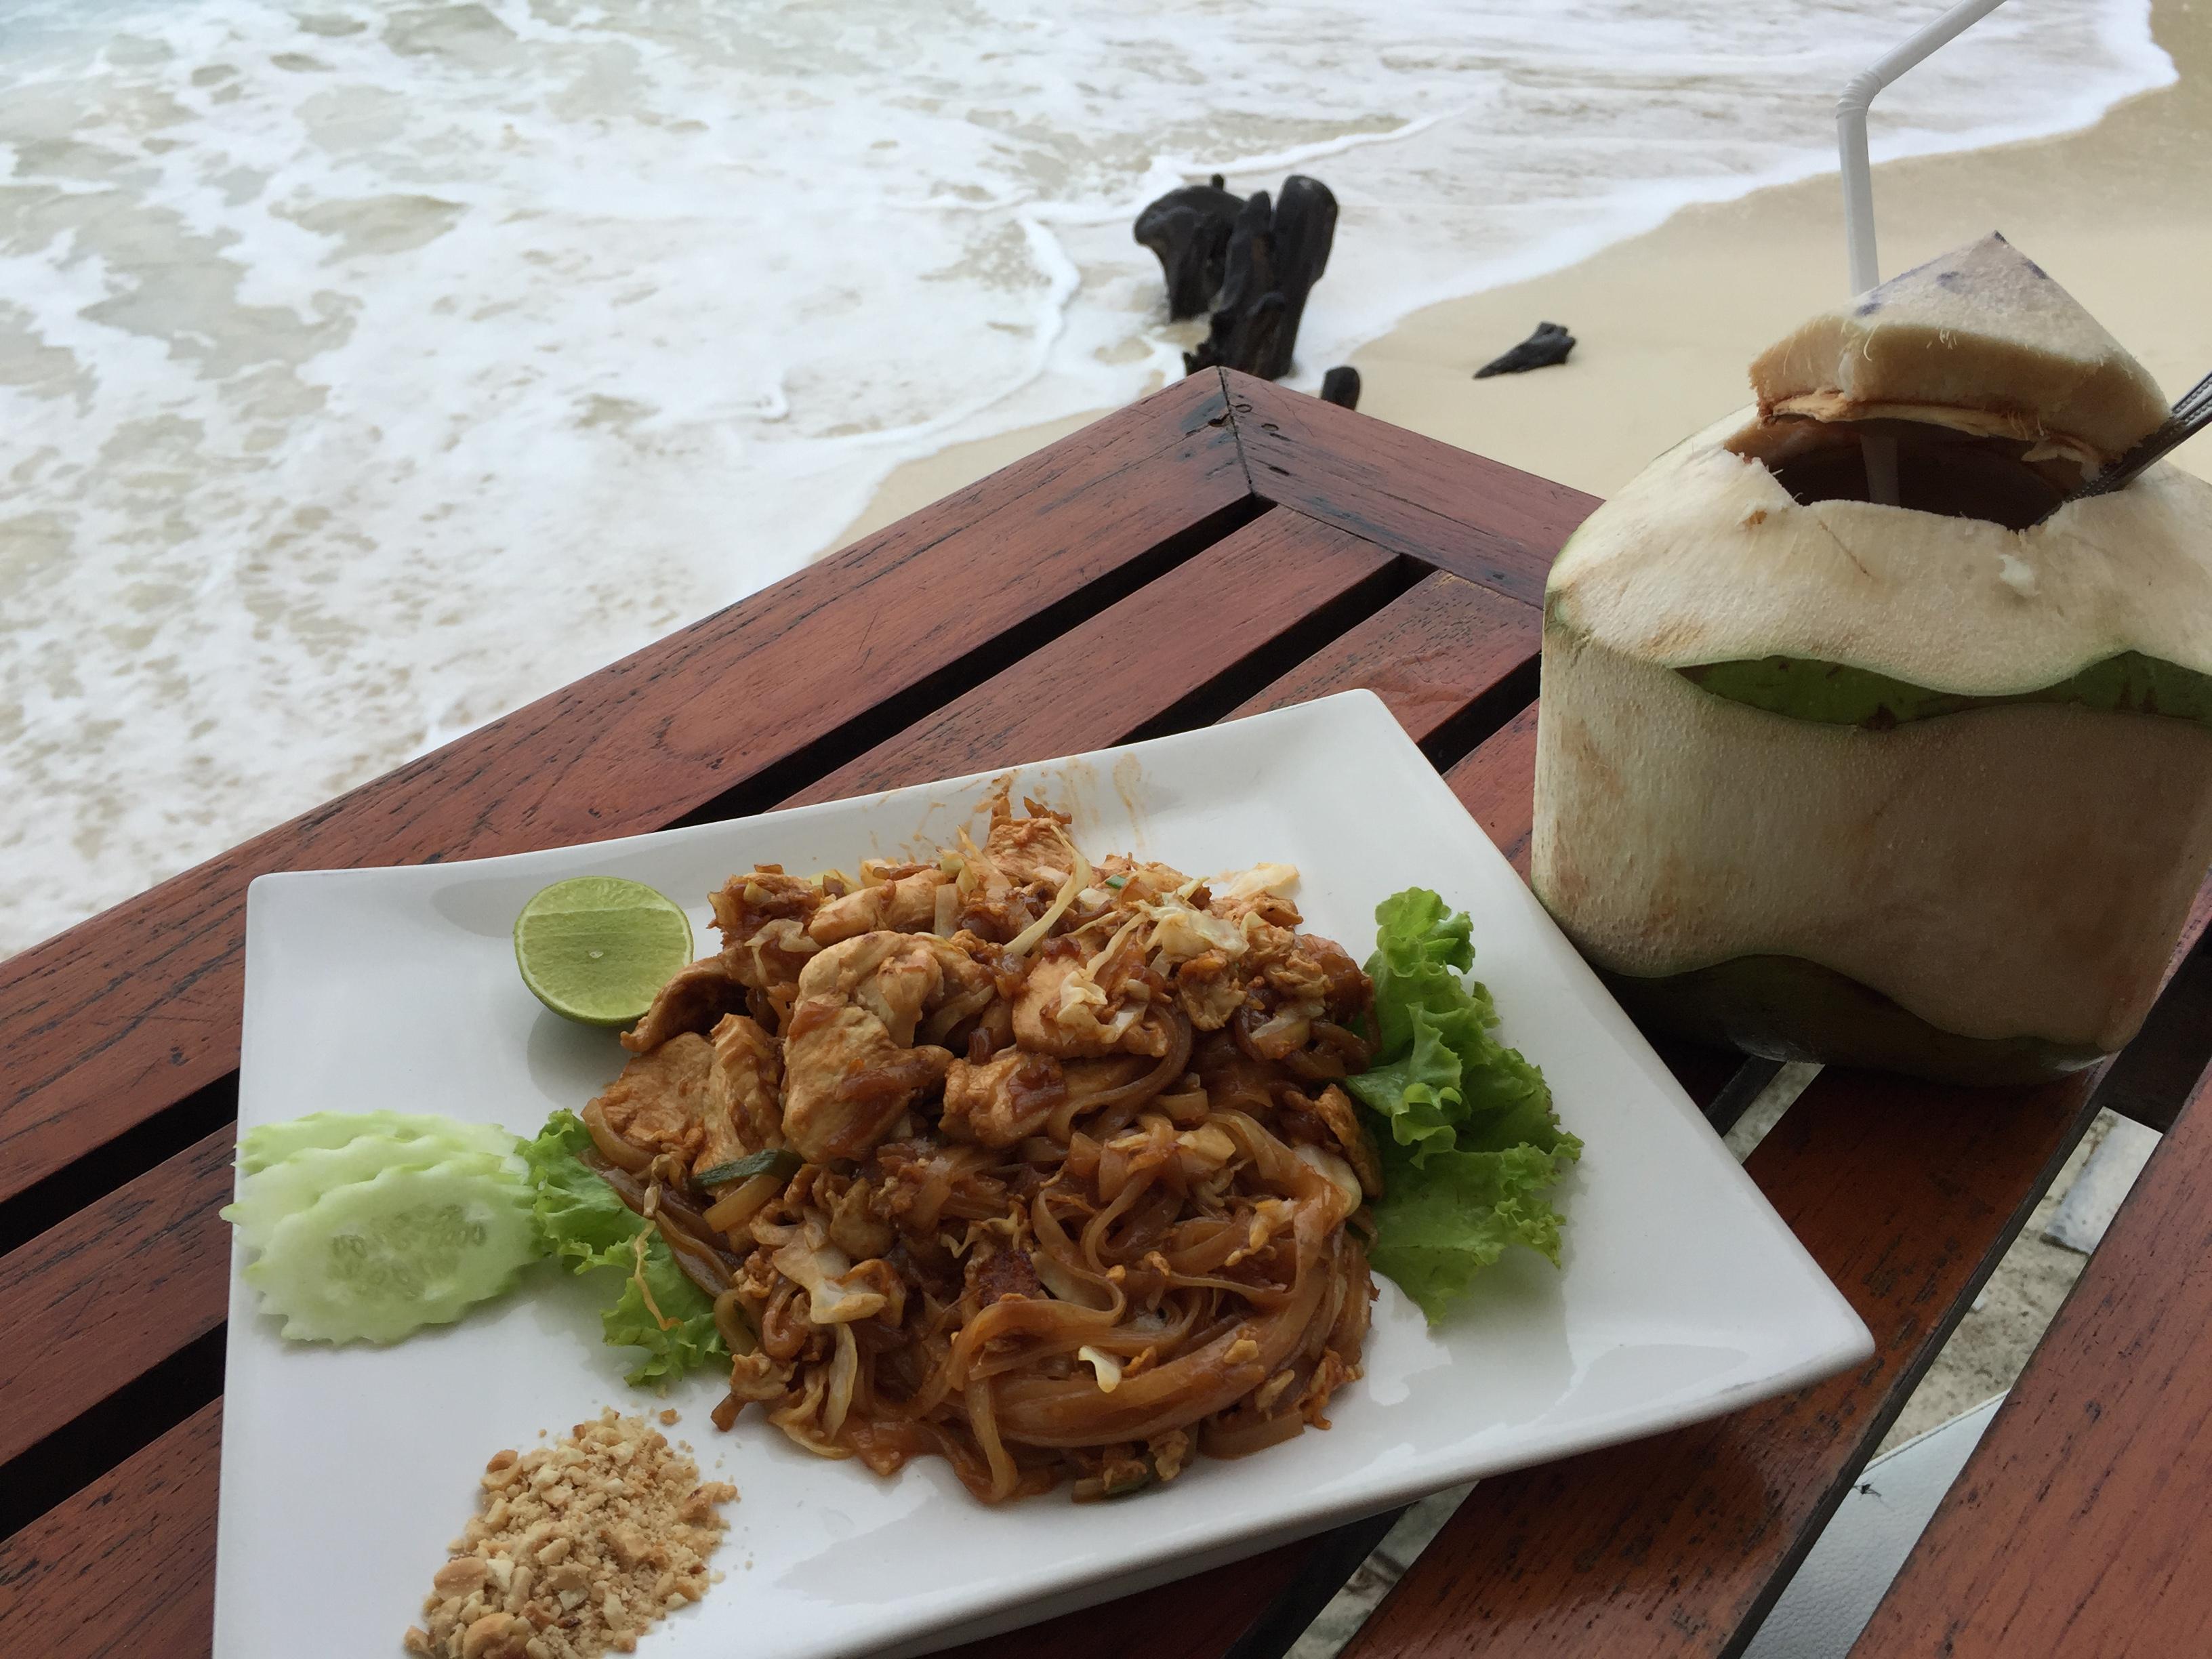 tajskie wyspy, Tajlandia - którą wyspę wybrać, wakacje w Tajlandii, wyspy Tajlandii, rajskie wyspy, Koh Phangan